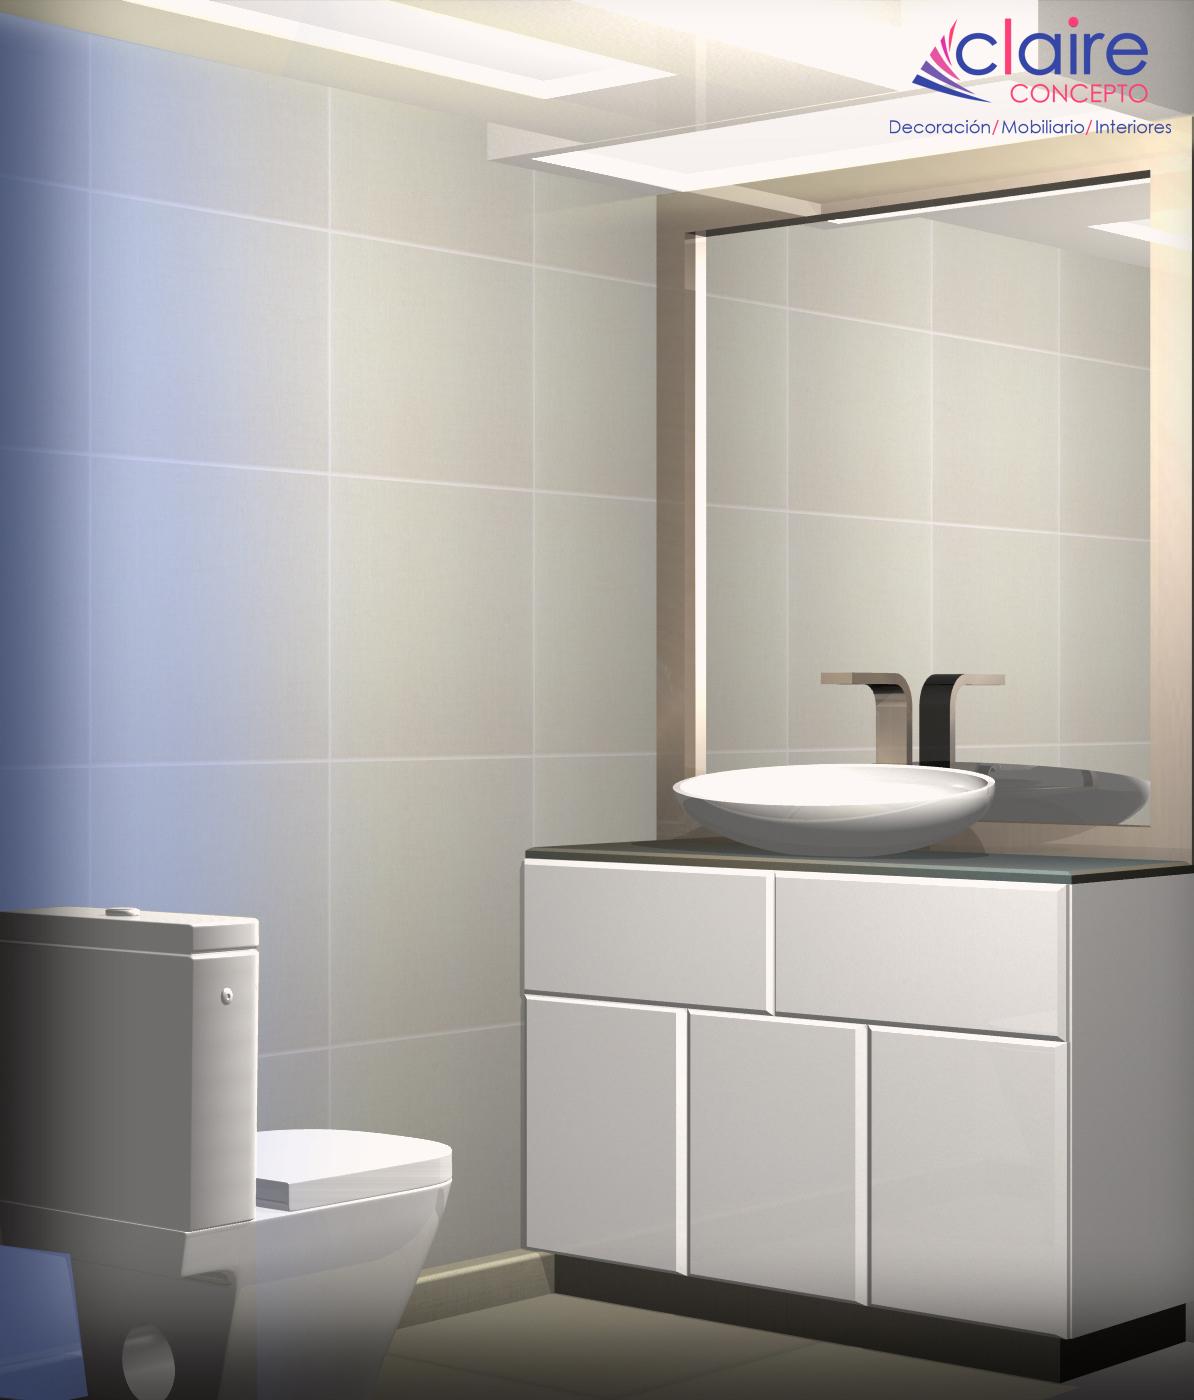 Dise os de ba os modernos y minimalistas azcapotzalco for Diseno de banos con guardas verticales